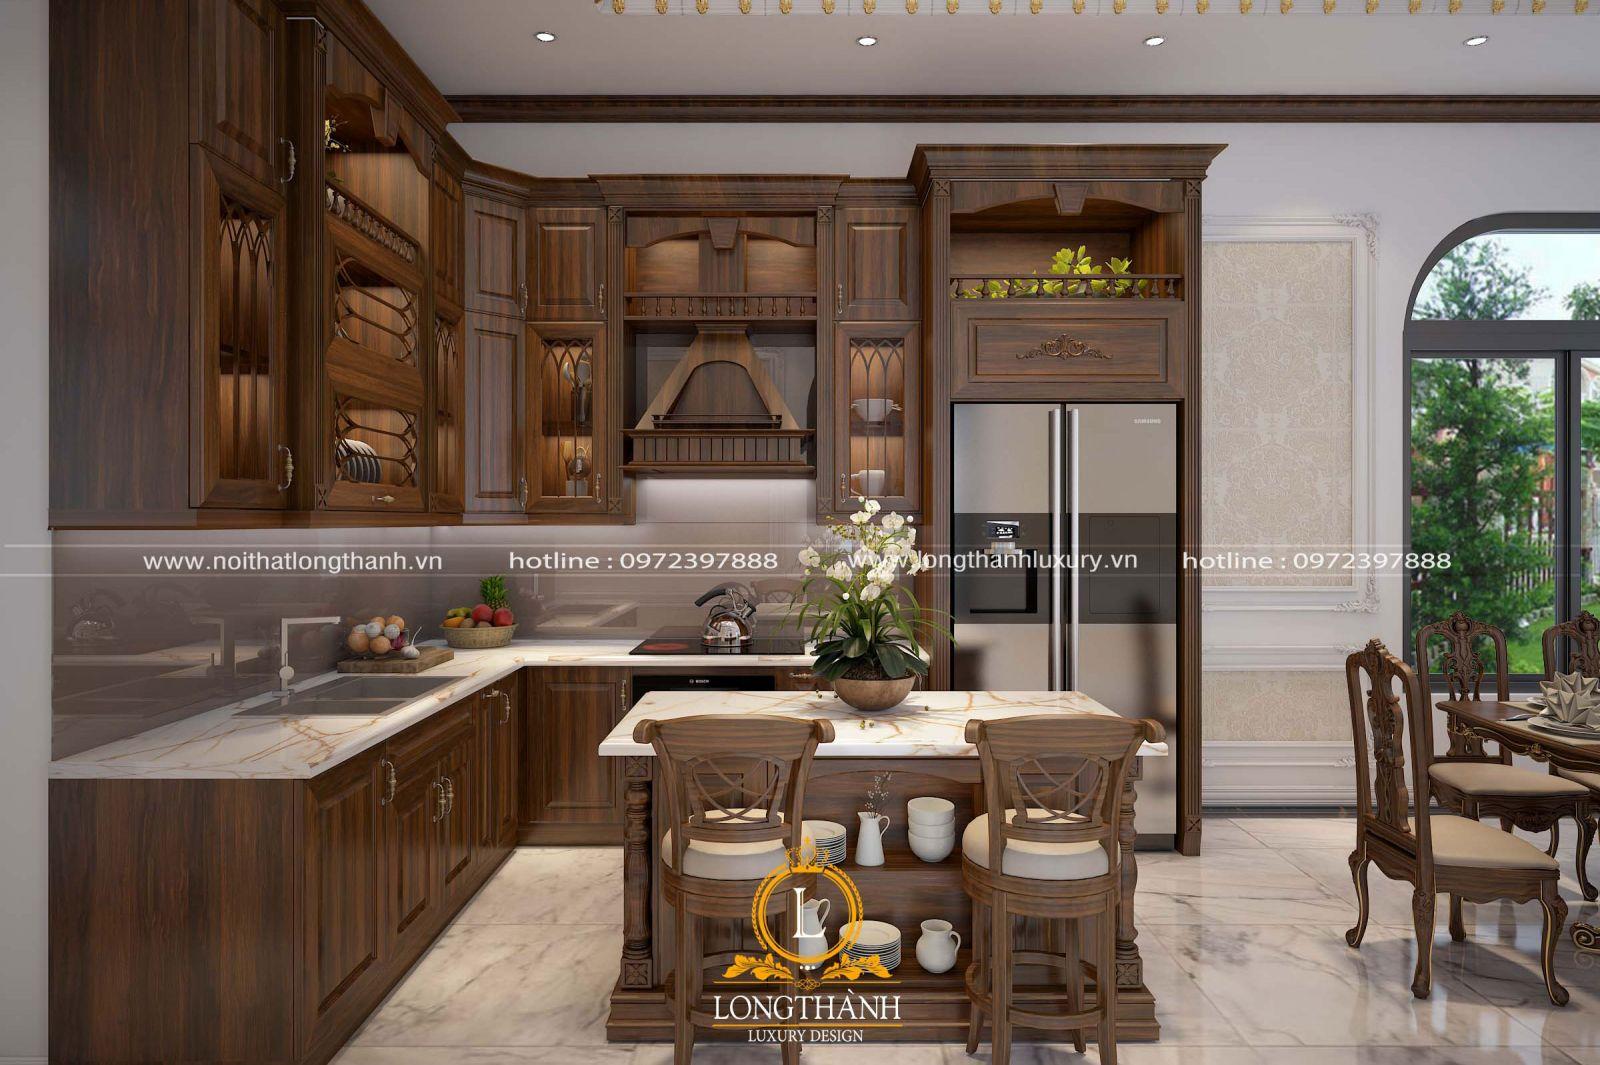 Không gian bếp khá mở với view nhìn ra vườn rộng đẹp